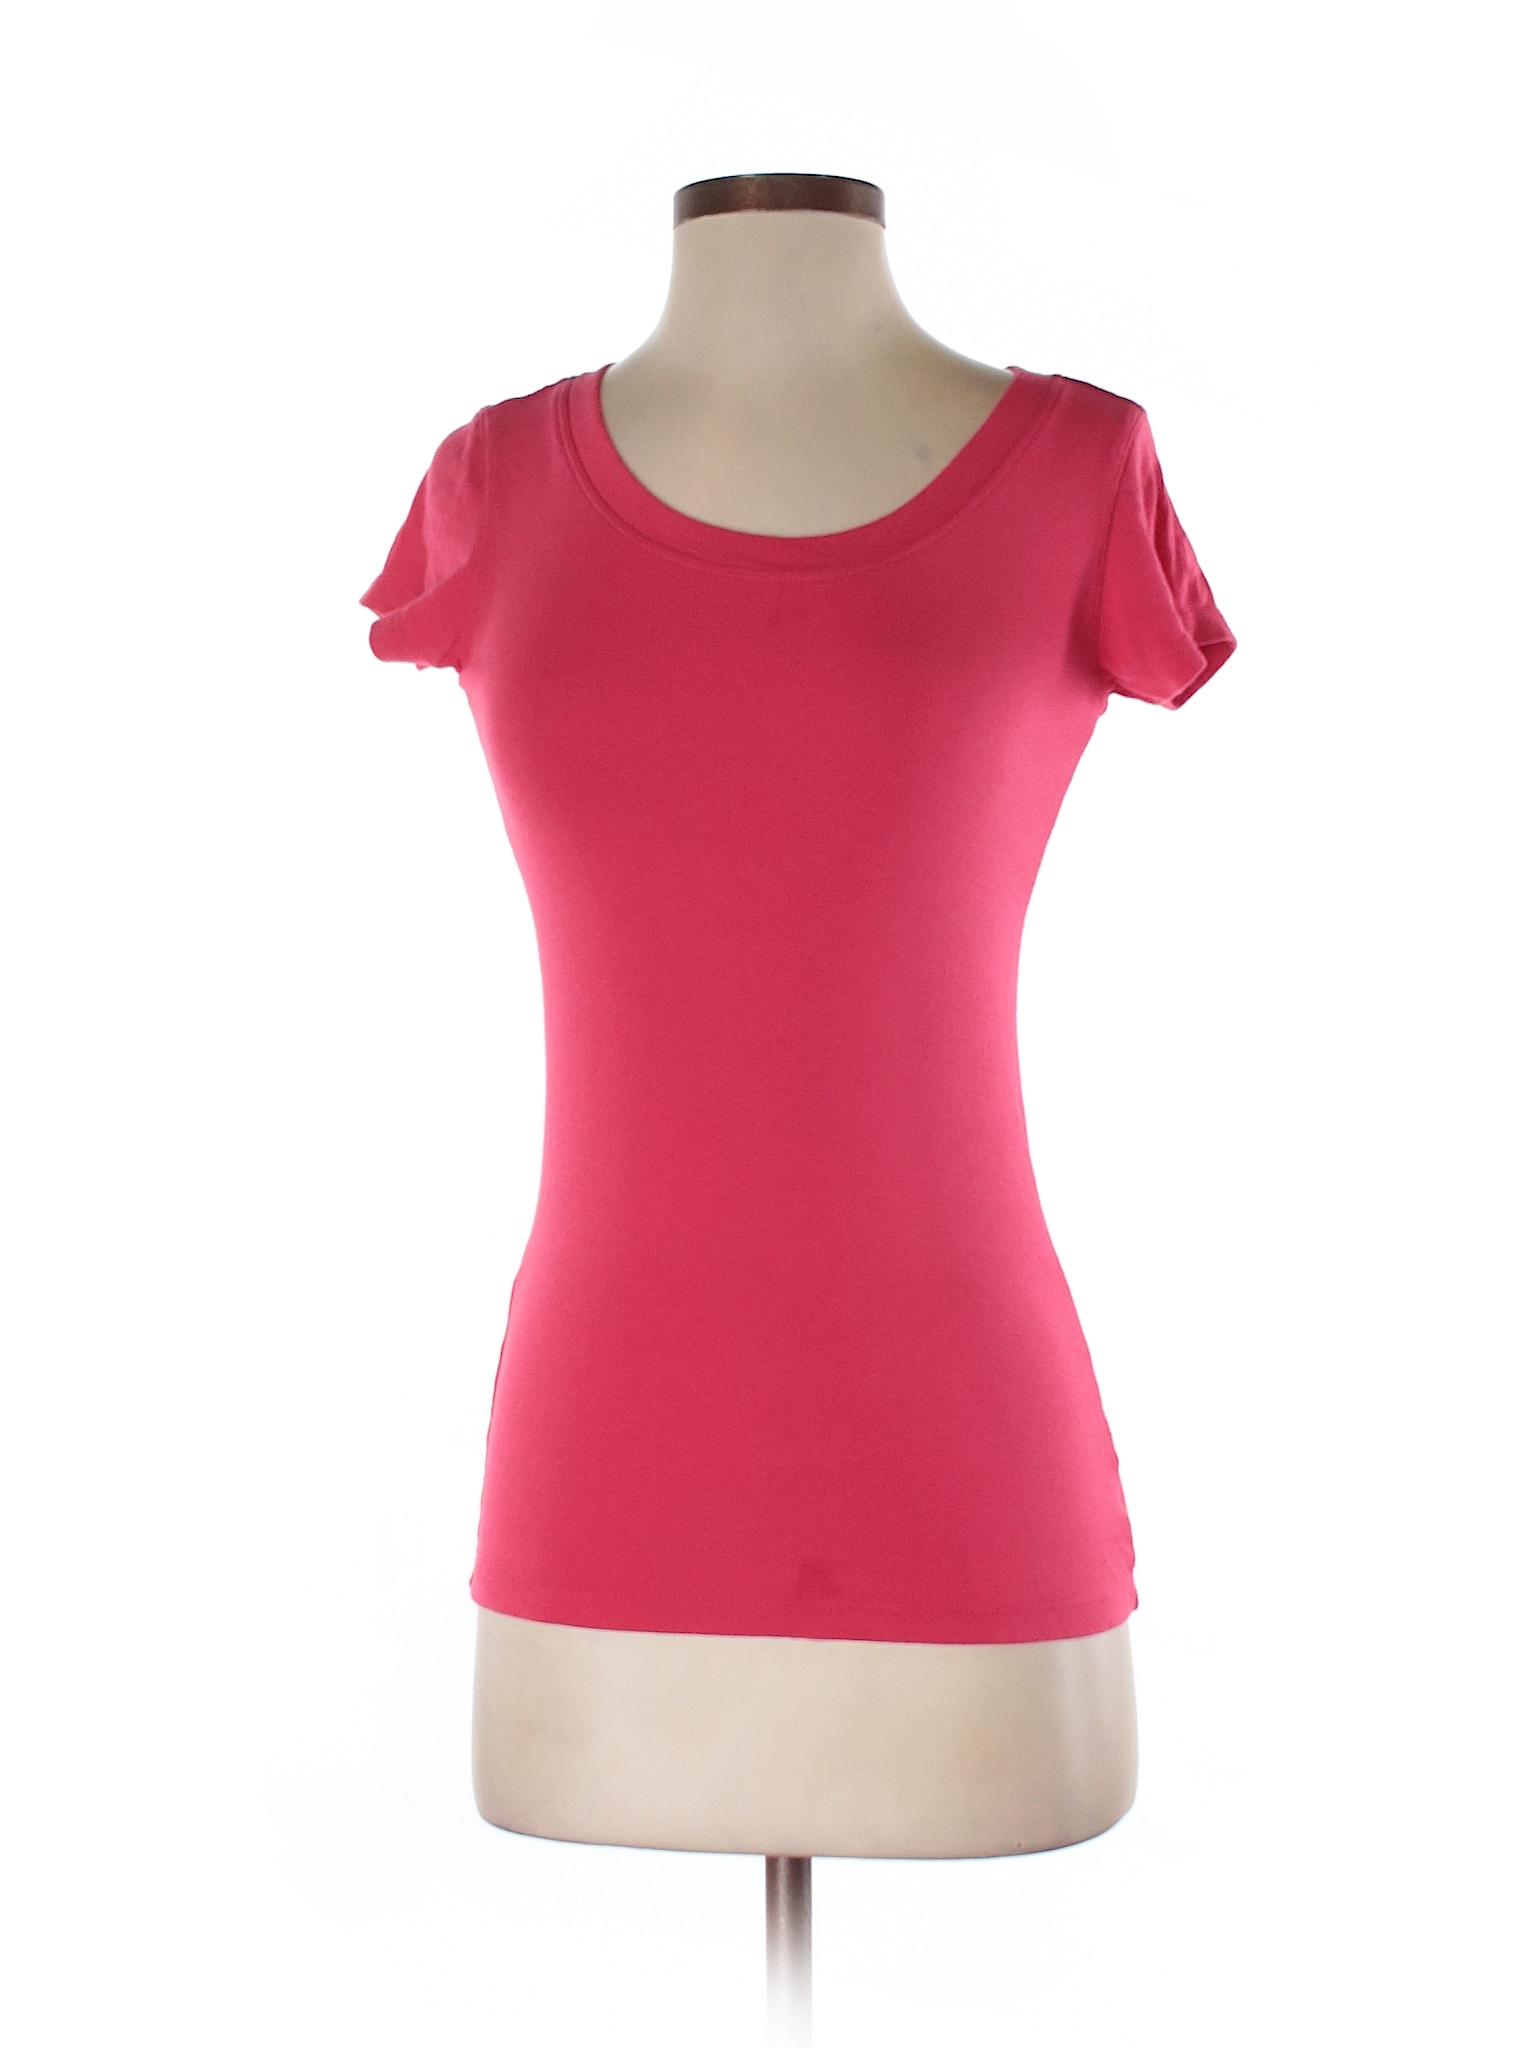 Cynthia rowley for t j maxx short sleeve t shirt 95 for Tj maxx t shirts